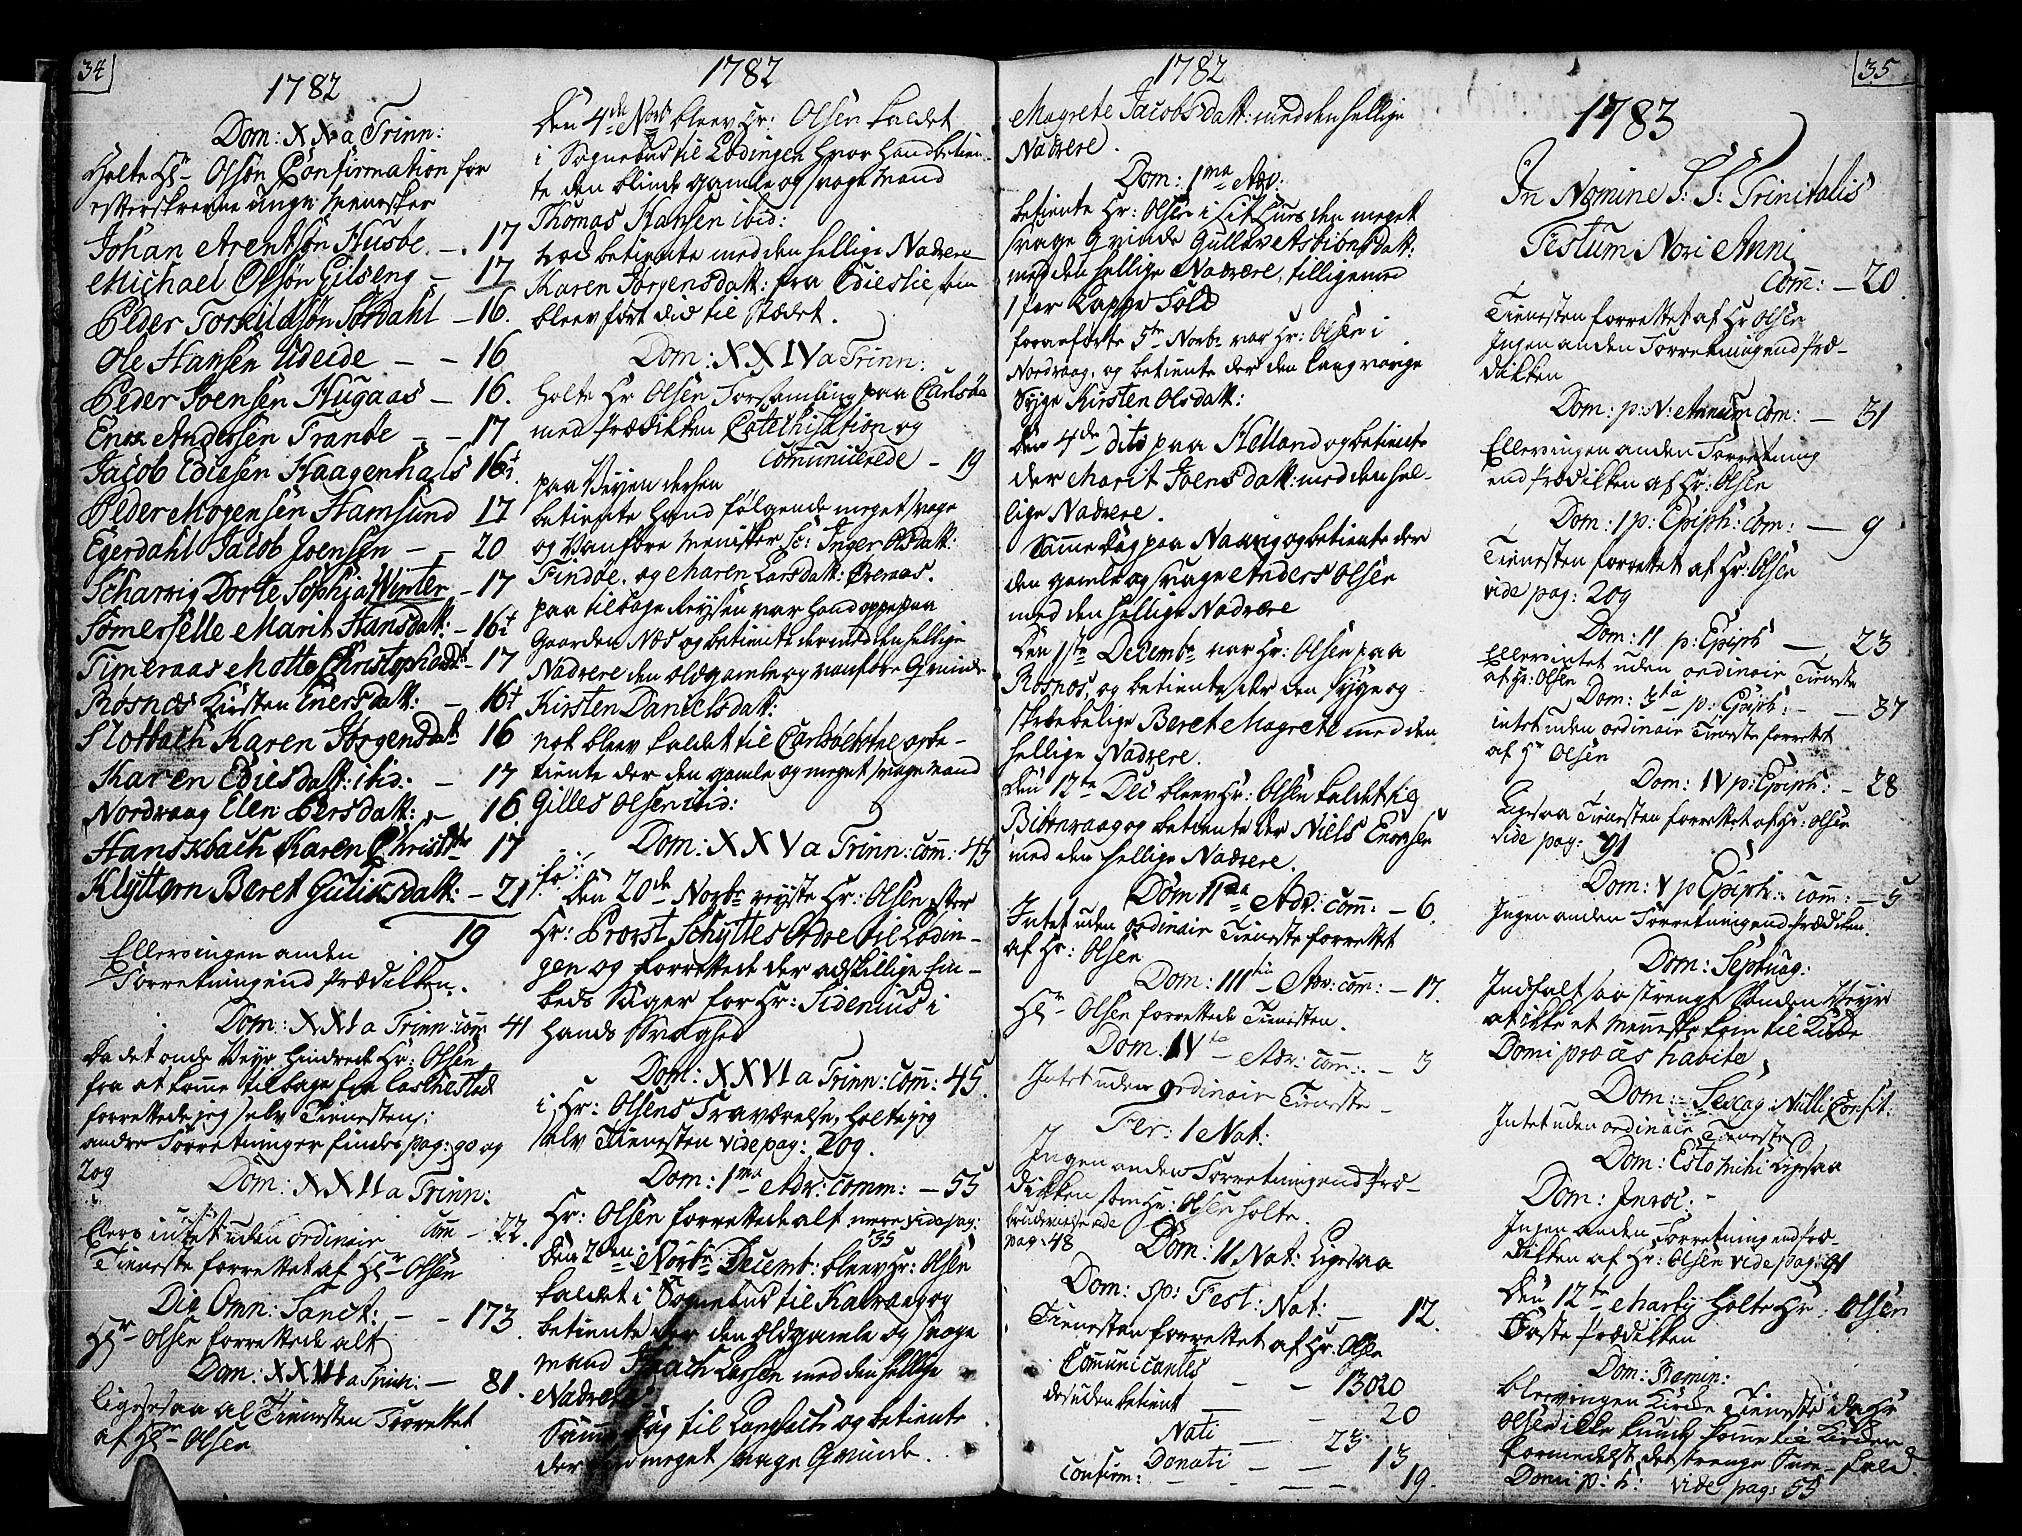 SAT, Ministerialprotokoller, klokkerbøker og fødselsregistre - Nordland, 859/L0841: Parish register (official) no. 859A01, 1766-1821, p. 34-35